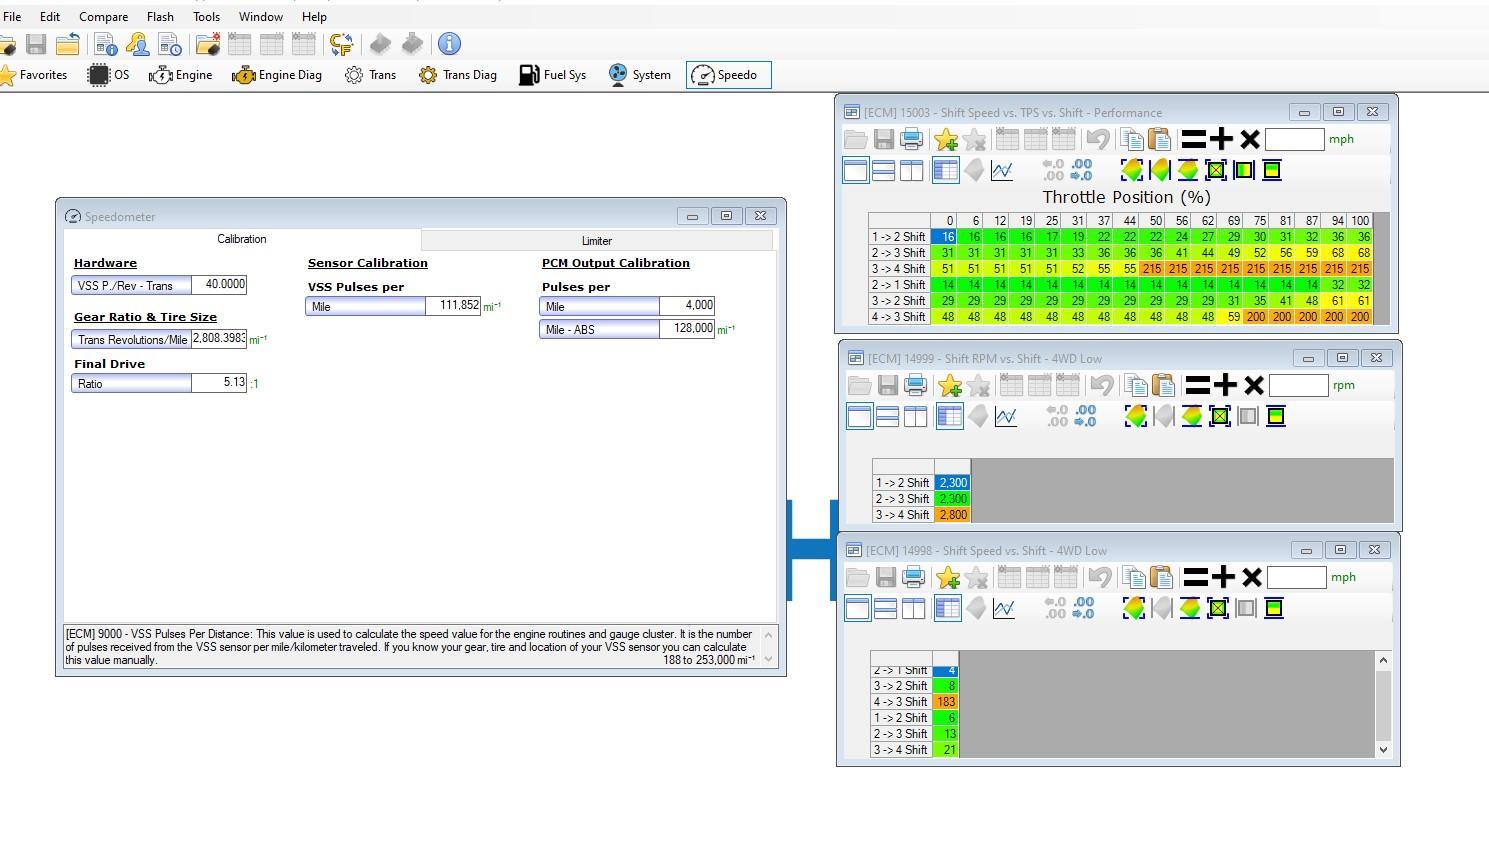 Screenshot 2021-07-07 151515.jpg